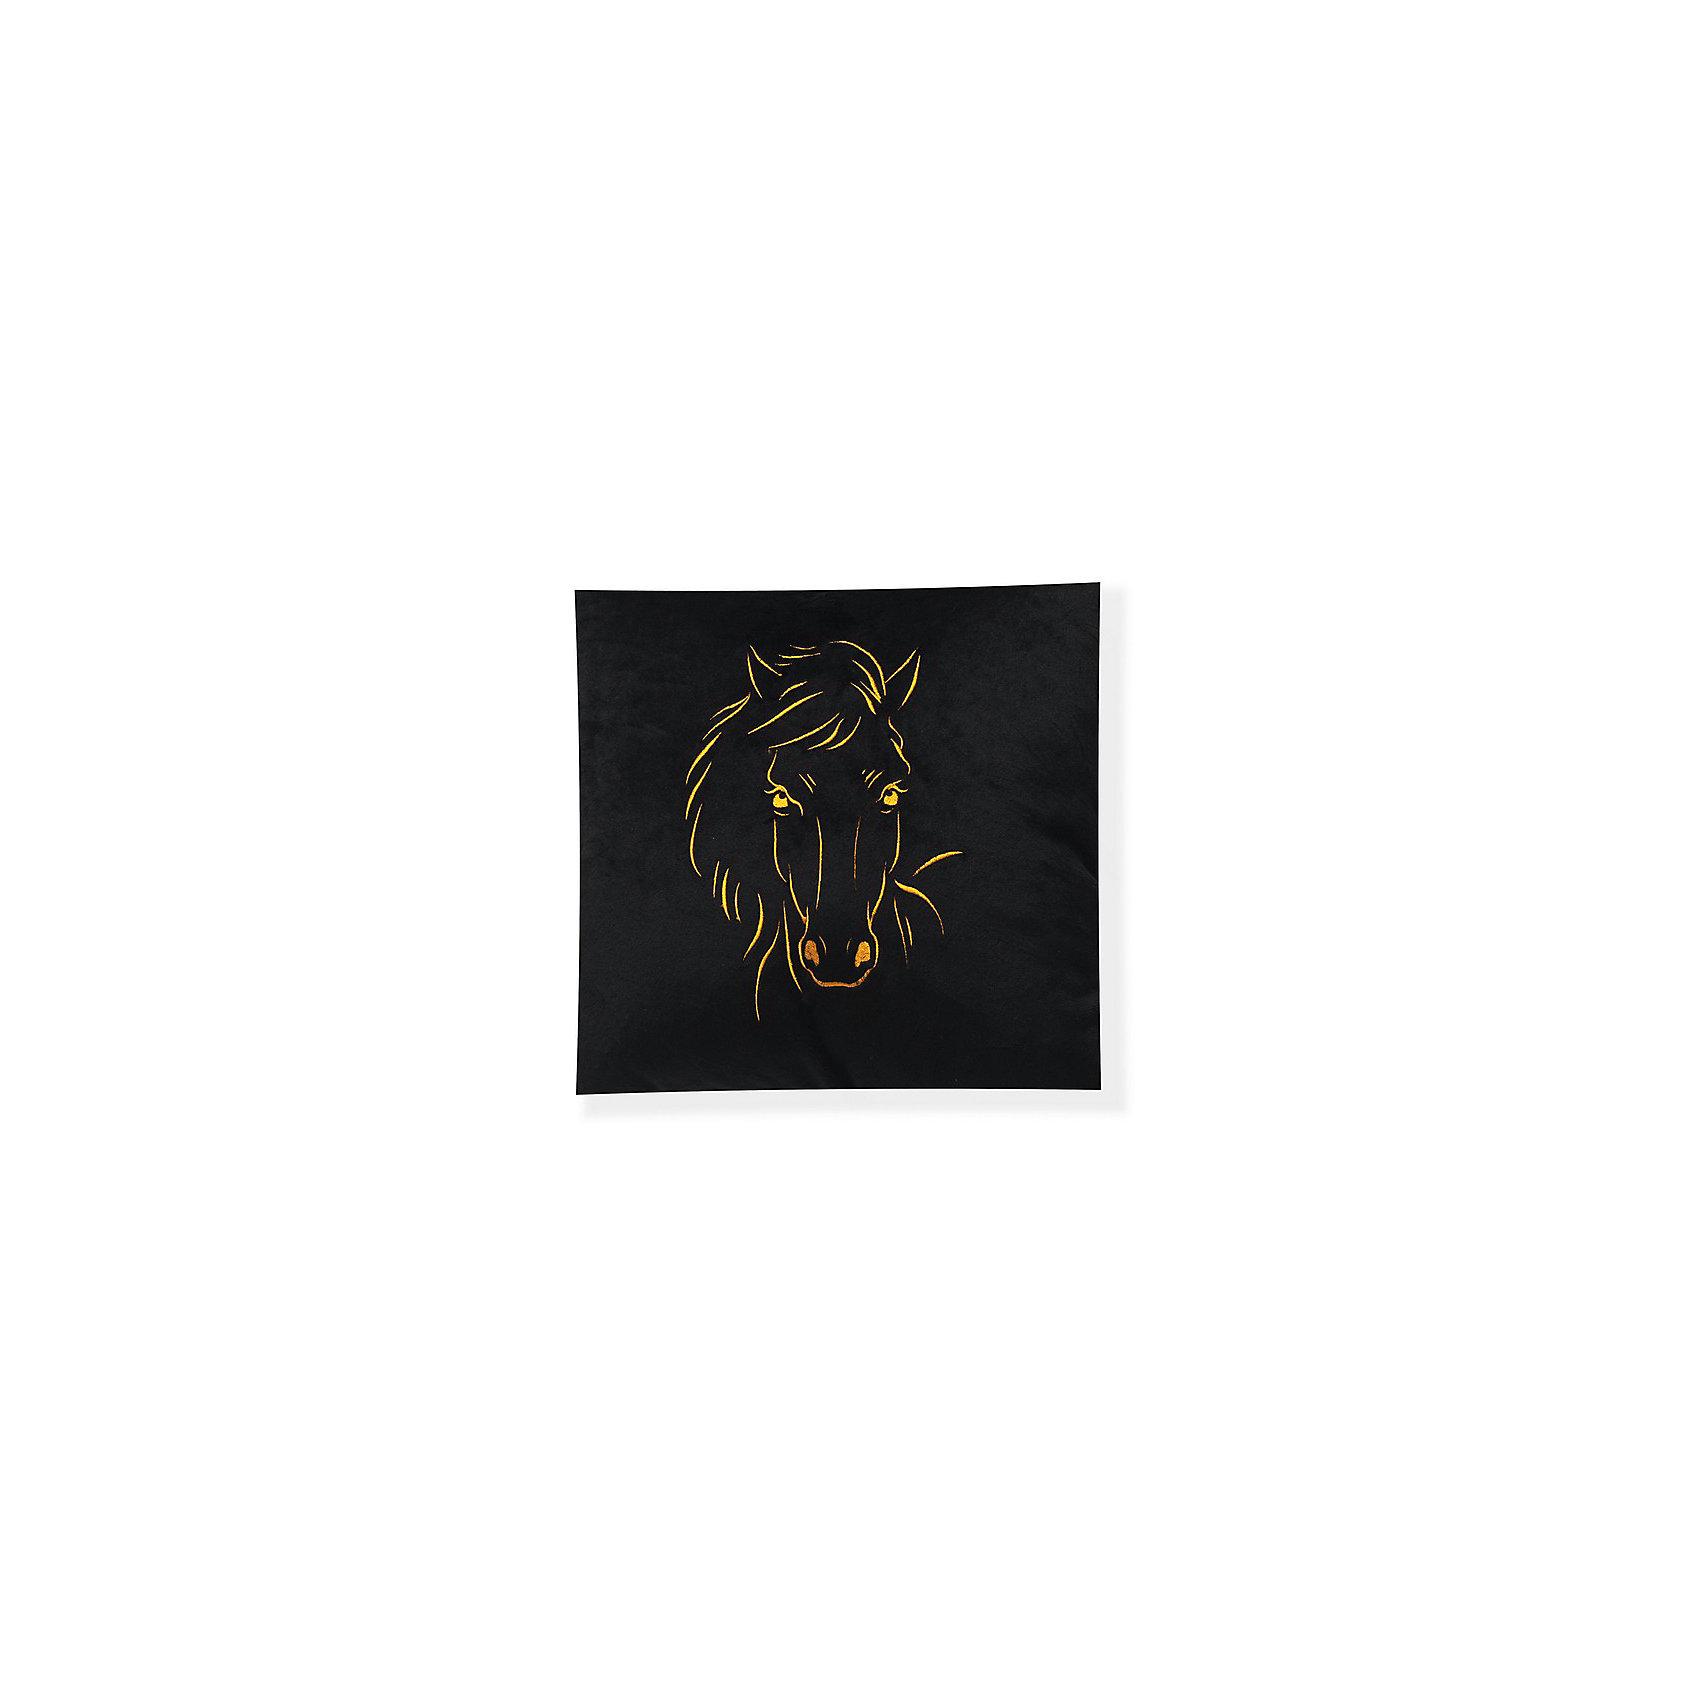 Декоративная подушка Лошадь арт. 1845, Small Toys, черныйДомашний текстиль<br>Характеристики товара:<br><br>• цвет: черный<br>• материал: текстиль, наполнитель<br>• размер: 31х31 см<br>• фактура: короткий искусственный мех<br>• украшена изображением лошади<br>• декоративная<br>• страна бренда: Российская Федерация<br>• страна производства: Российская Федерация<br><br>Красивая и качественная подушка может отличным подарком ребенку или взрослому. Она декорирована изображением лошади - а кто не любит этих благородных животных?! Подушка сделана из приятного на ощупь материала и мягкого наполнителя.<br>Такое изделие будет отлично смотреться в интерьерах разных стилей, добавляя в комнату уюта. Она выполнена в приятной расцветке. Швы хорошо проработаны. Изделие произведено из сертифицированных материалов, безопасных для детей.<br><br>Декоративную подушку Лошадь арт. 1845 от бренда Small Toys можно купить в нашем интернет-магазине.<br><br>Ширина мм: 160<br>Глубина мм: 350<br>Высота мм: 350<br>Вес г: 430<br>Возраст от месяцев: 36<br>Возраст до месяцев: 72<br>Пол: Унисекс<br>Возраст: Детский<br>SKU: 5272899